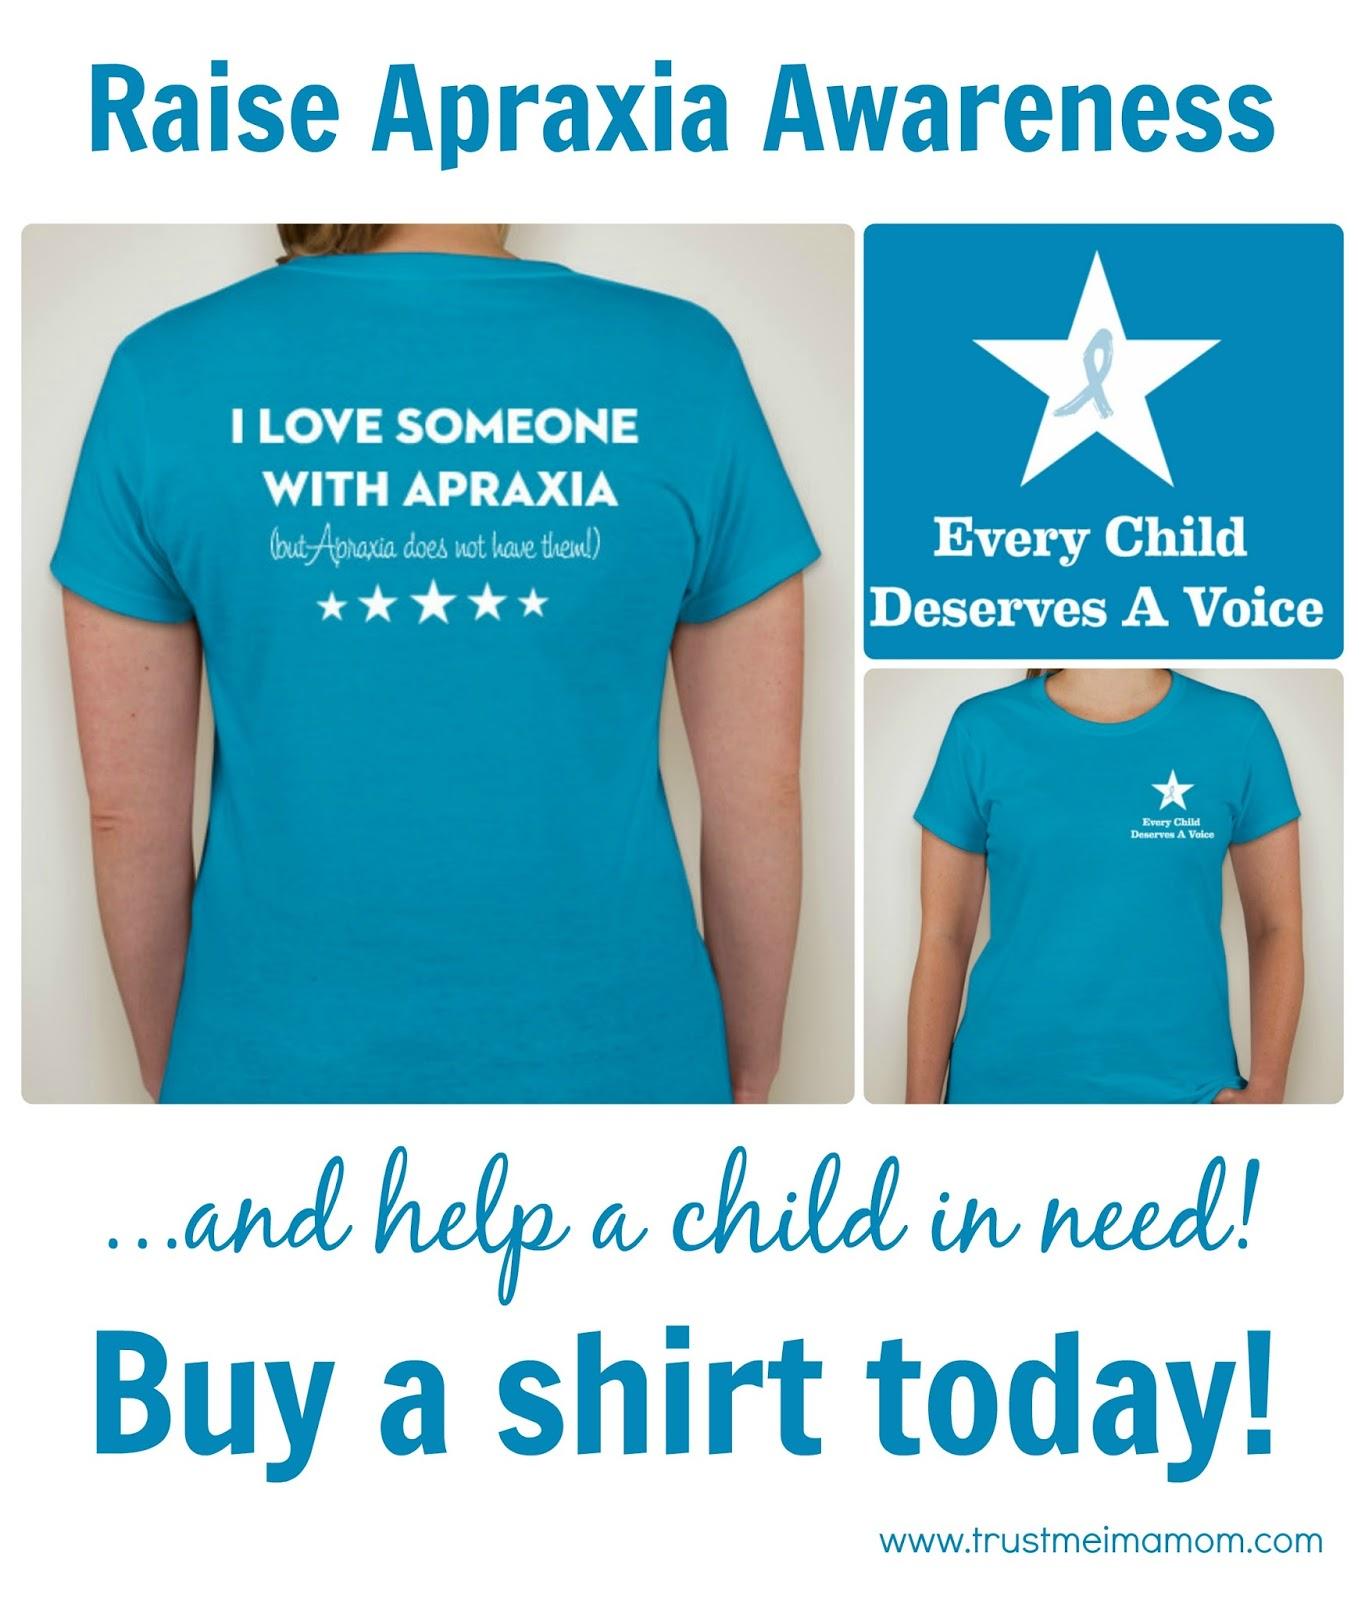 Trust Me, I'm a Mom: Raise Awareness for Apraxia Raising Awareness